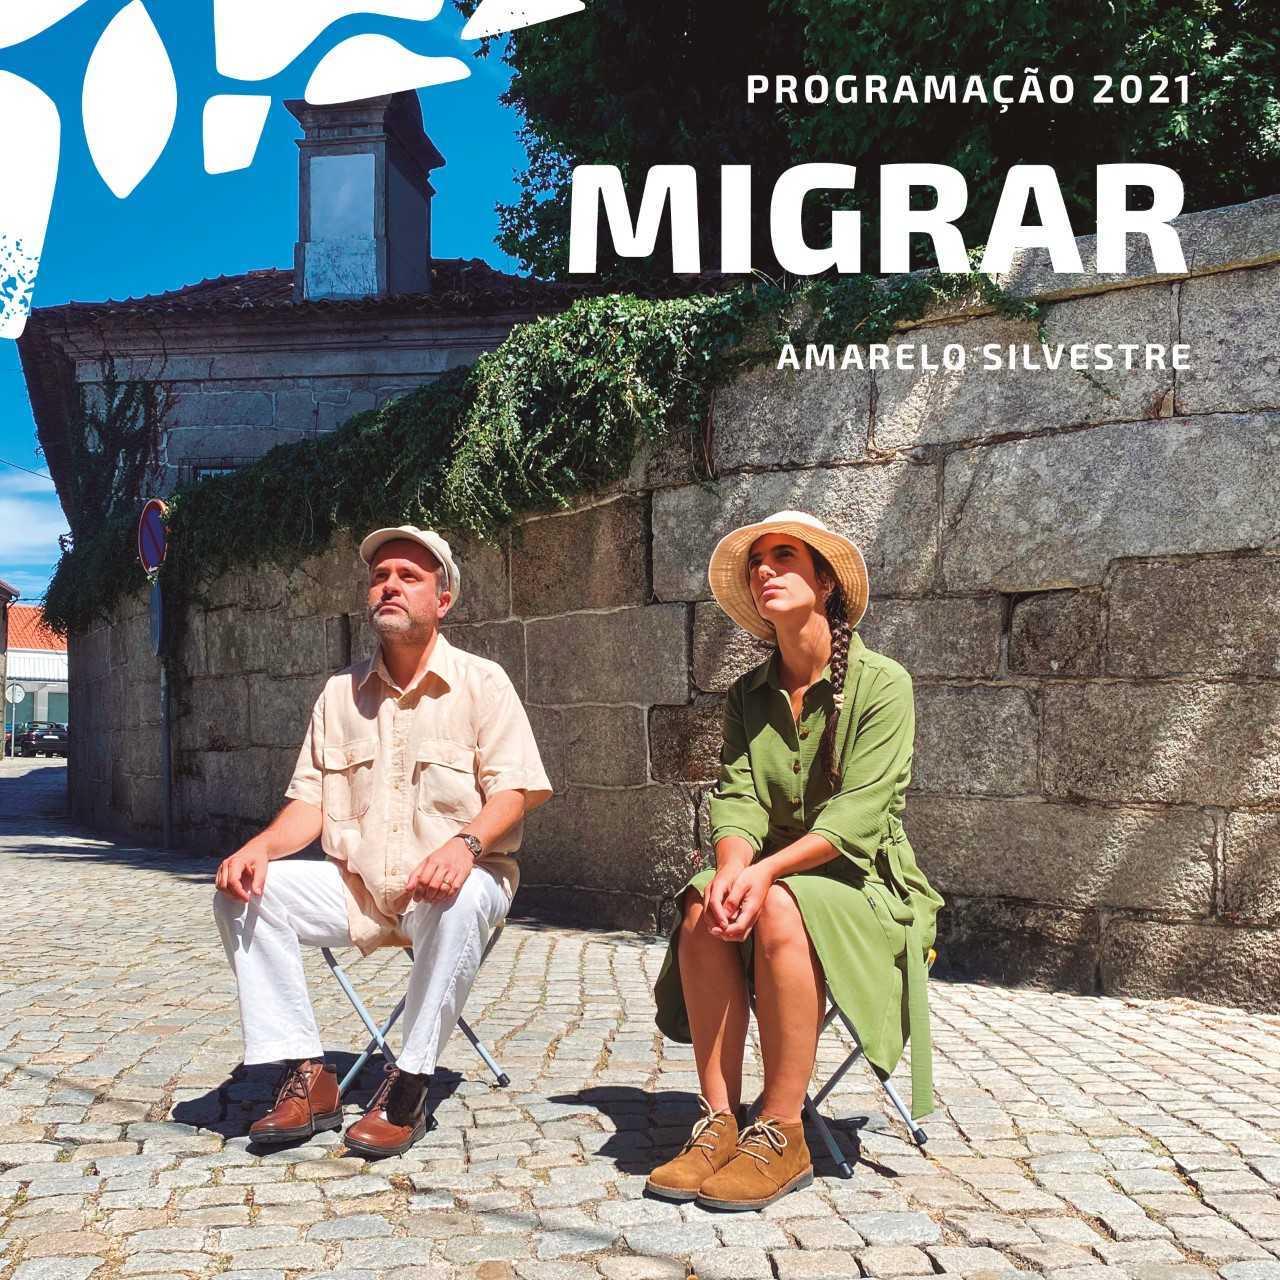 Migrar - Teatro Performance Comunitária